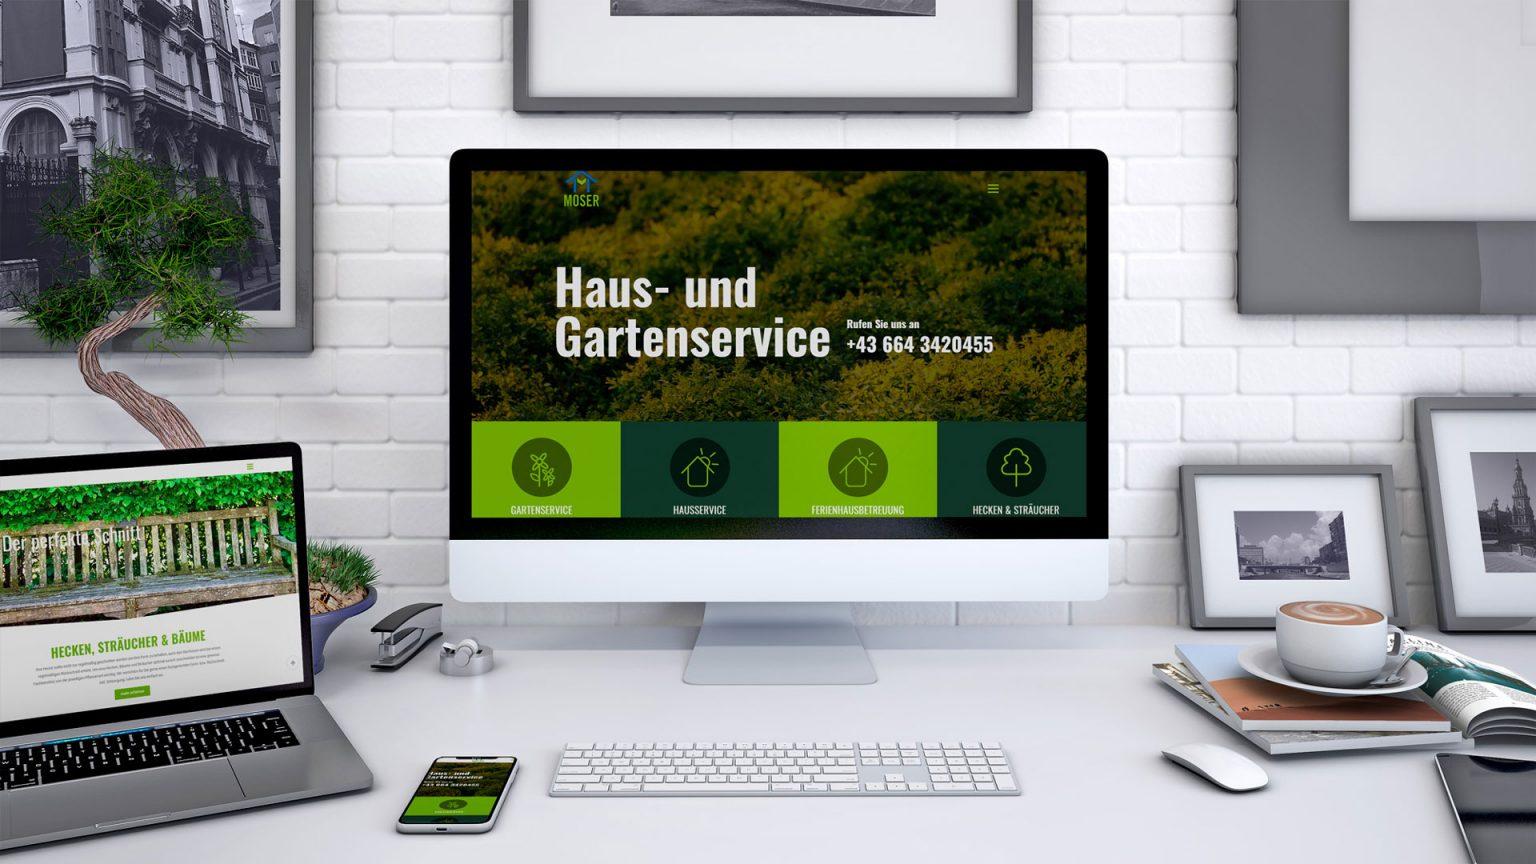 Webdesign Relaunch | Haus- und Gartenservice Moser